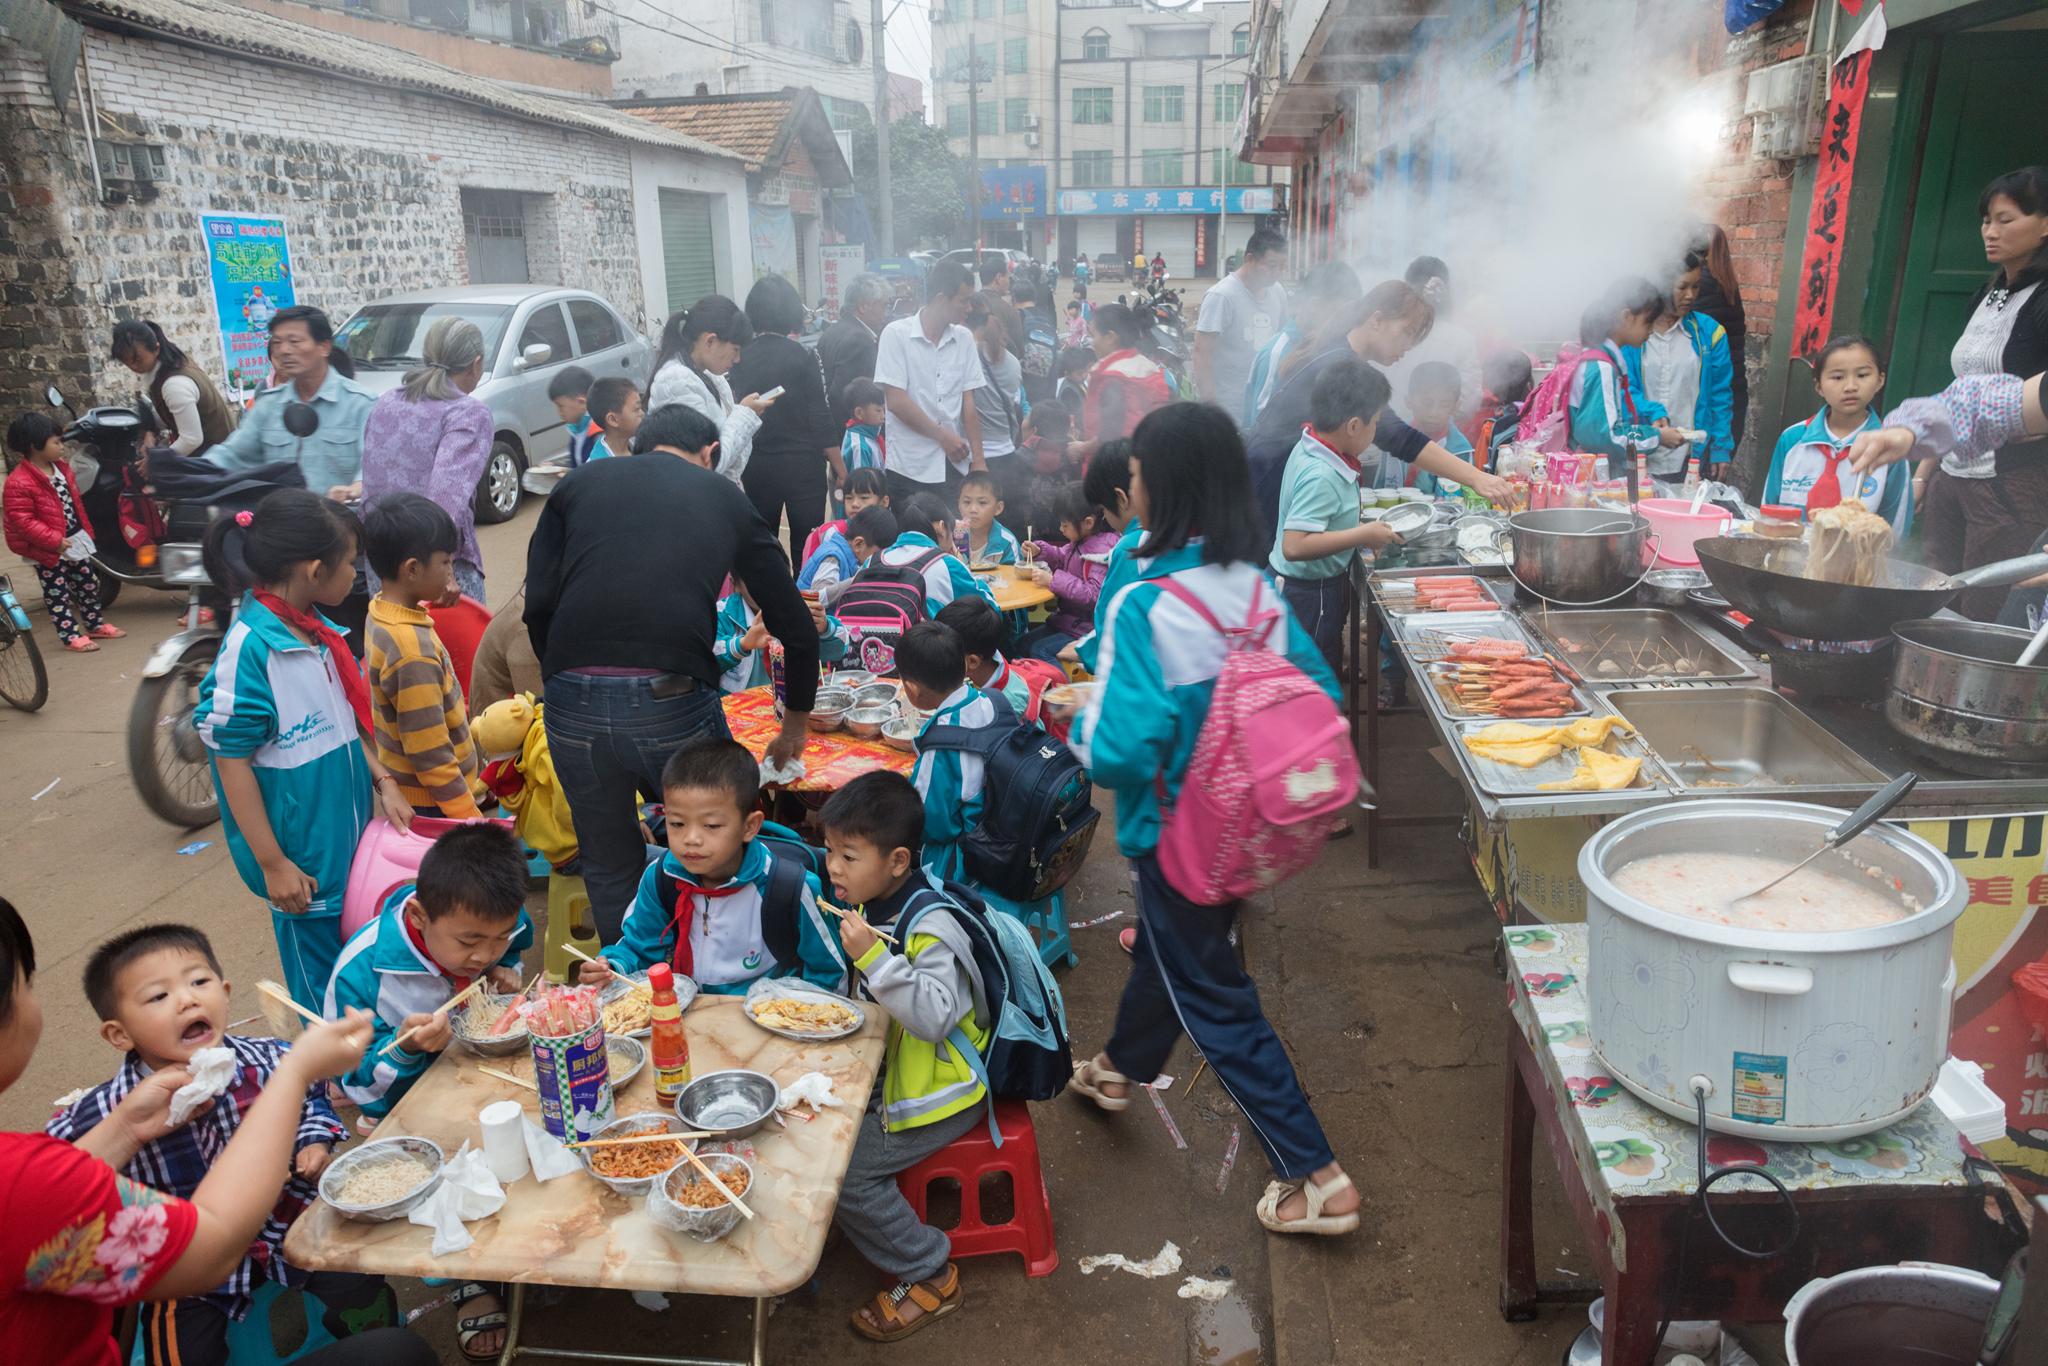 중국의 식량 문제